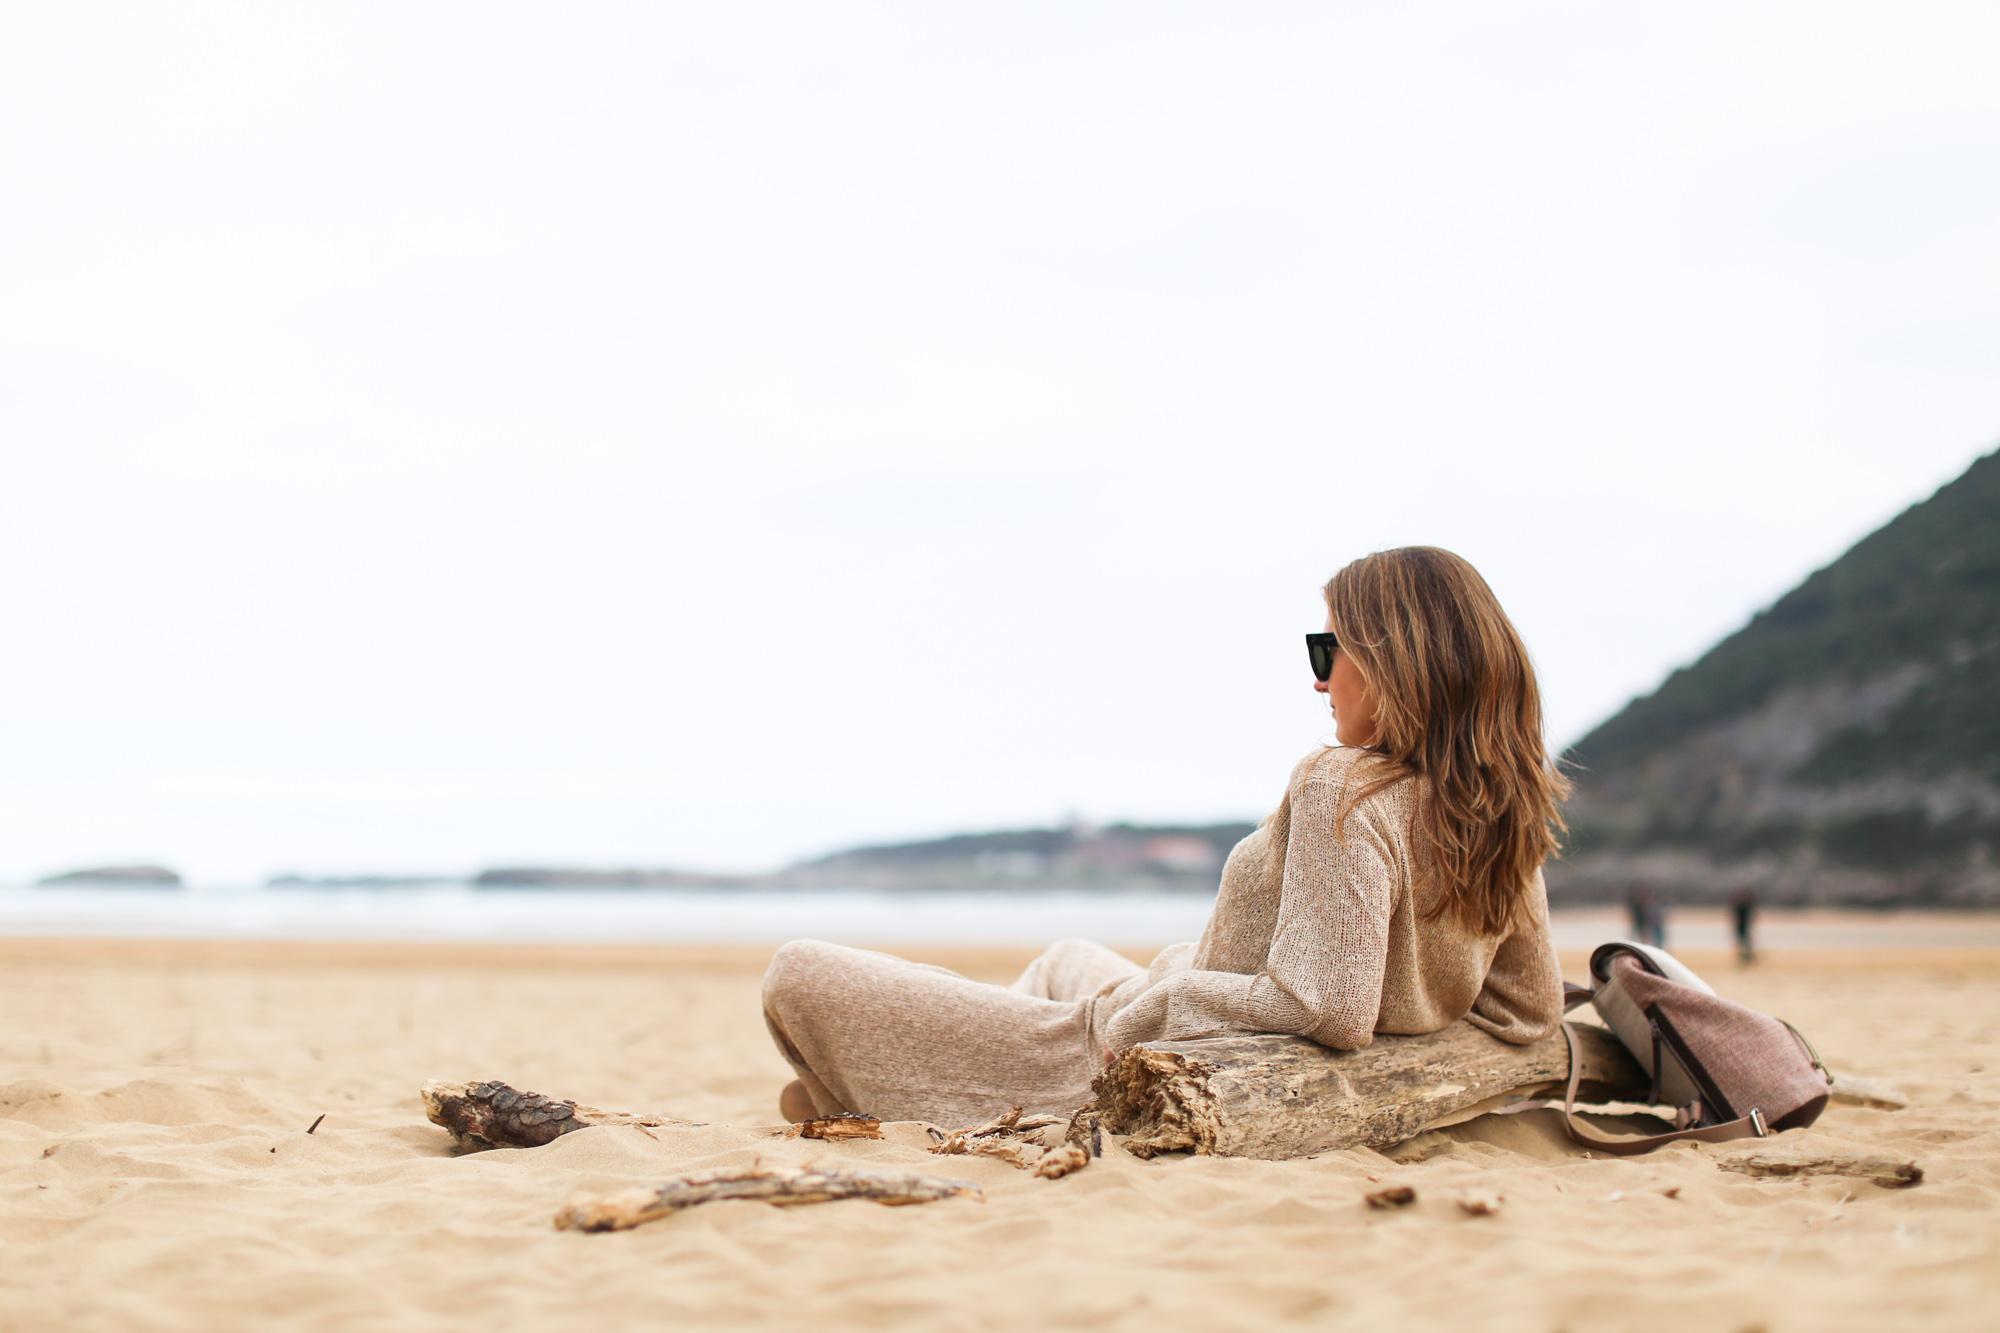 Clochet pantalon culotte Zara knitwear